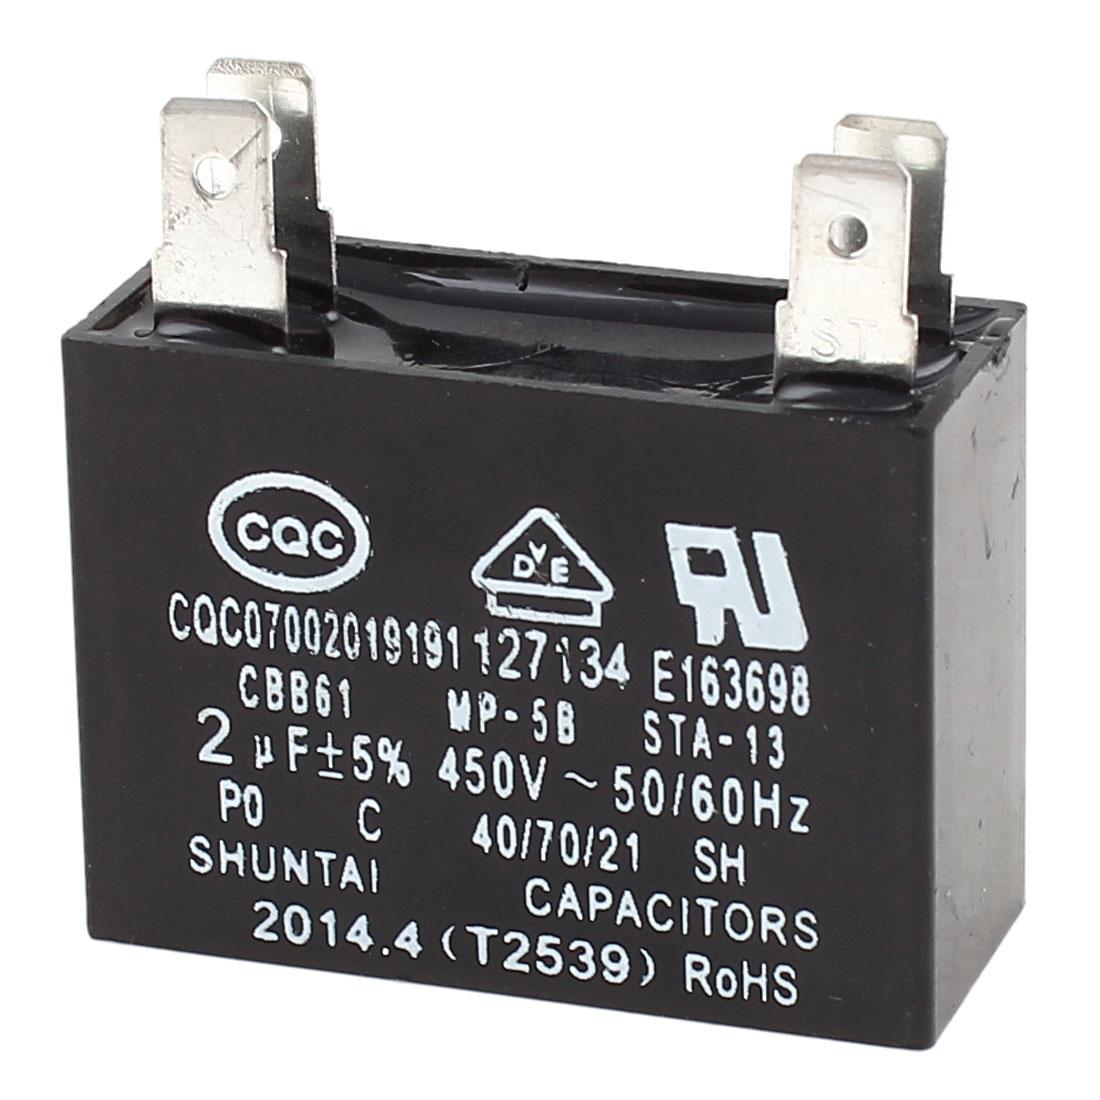 CBB61 AC 450V 2uF 5% Tolerance 4-Pin Soldered Air Conditioner Fan Motor Running Capacitor